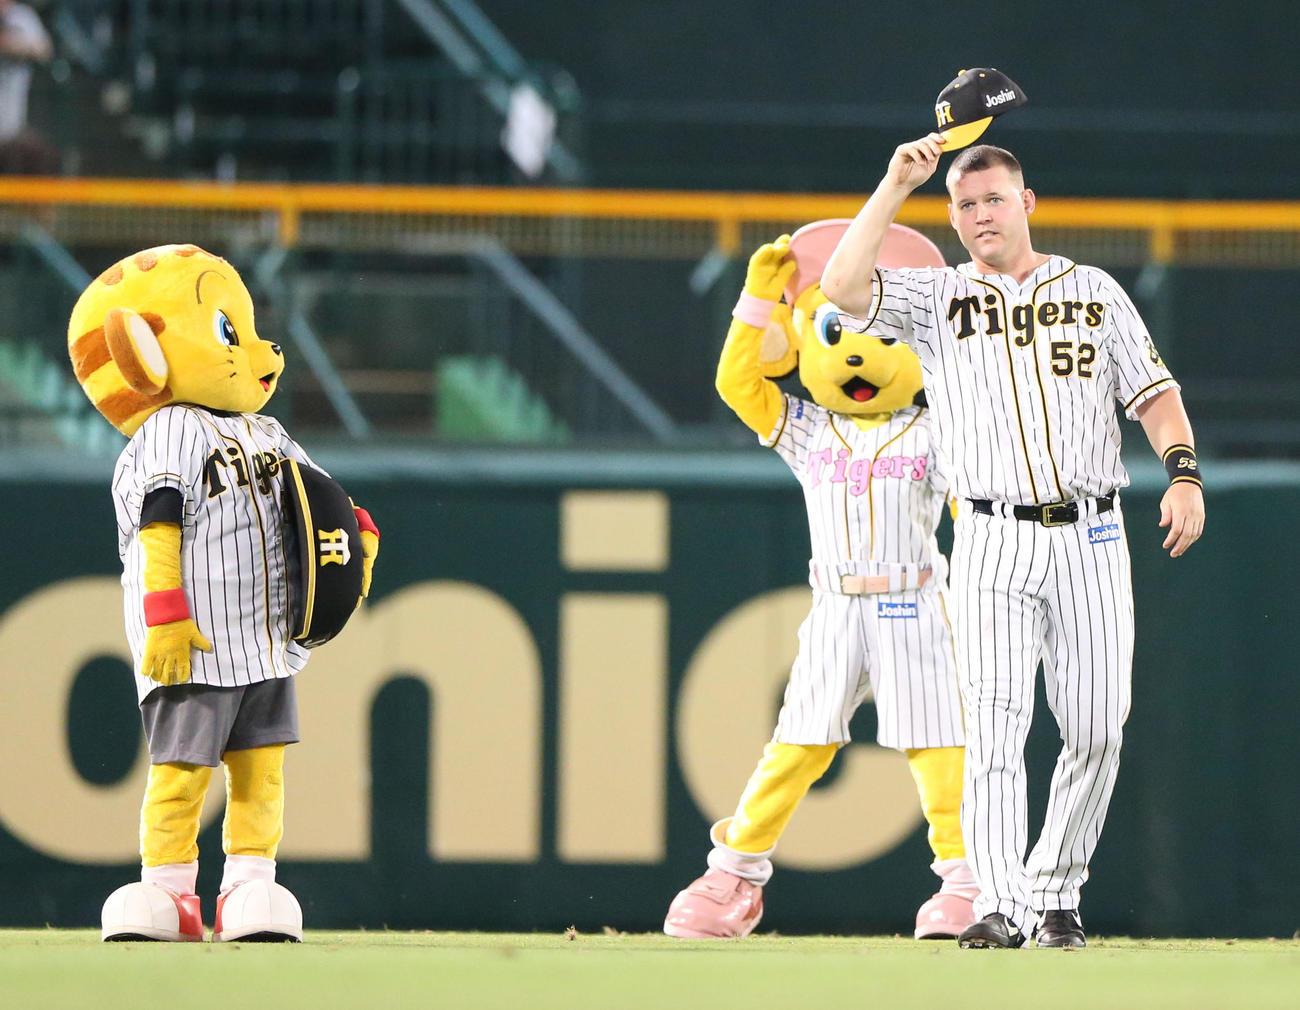 阪神対ヤクルト ヒーローの阪神サンズは帽子を取ってファンにあいさつする(撮影・上山淳一)